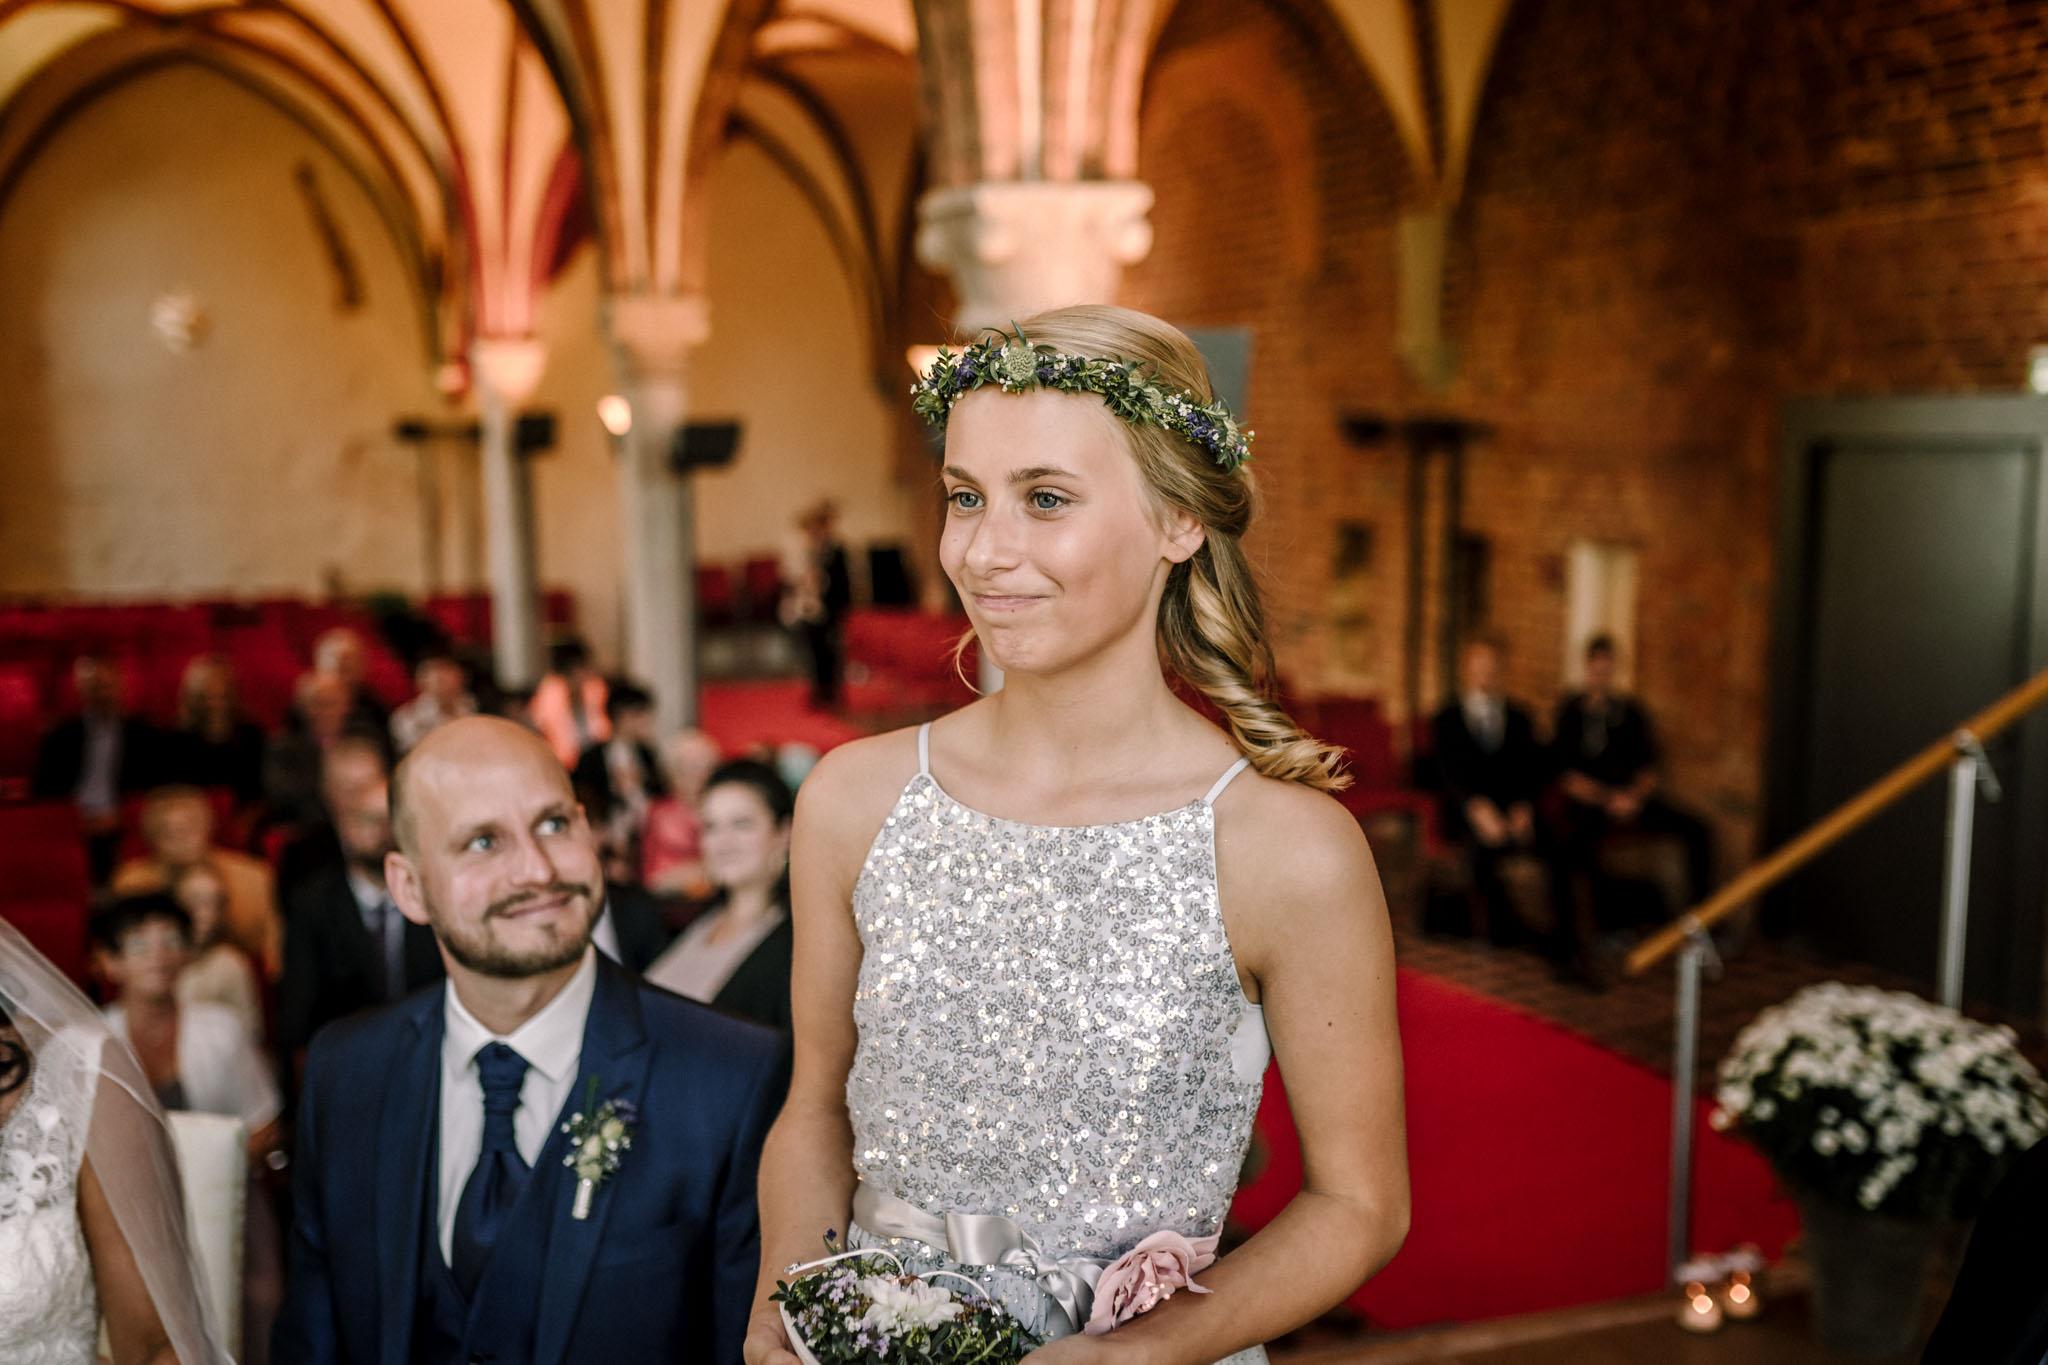 Hochzeitsfieber by Photo-Schomburg, Hochzeitsfotograf, Hamburg,Hochzeitstag, Hochzeitspaar, Braut, Bräutigam, Literaturhauscafe Zarrentin-36